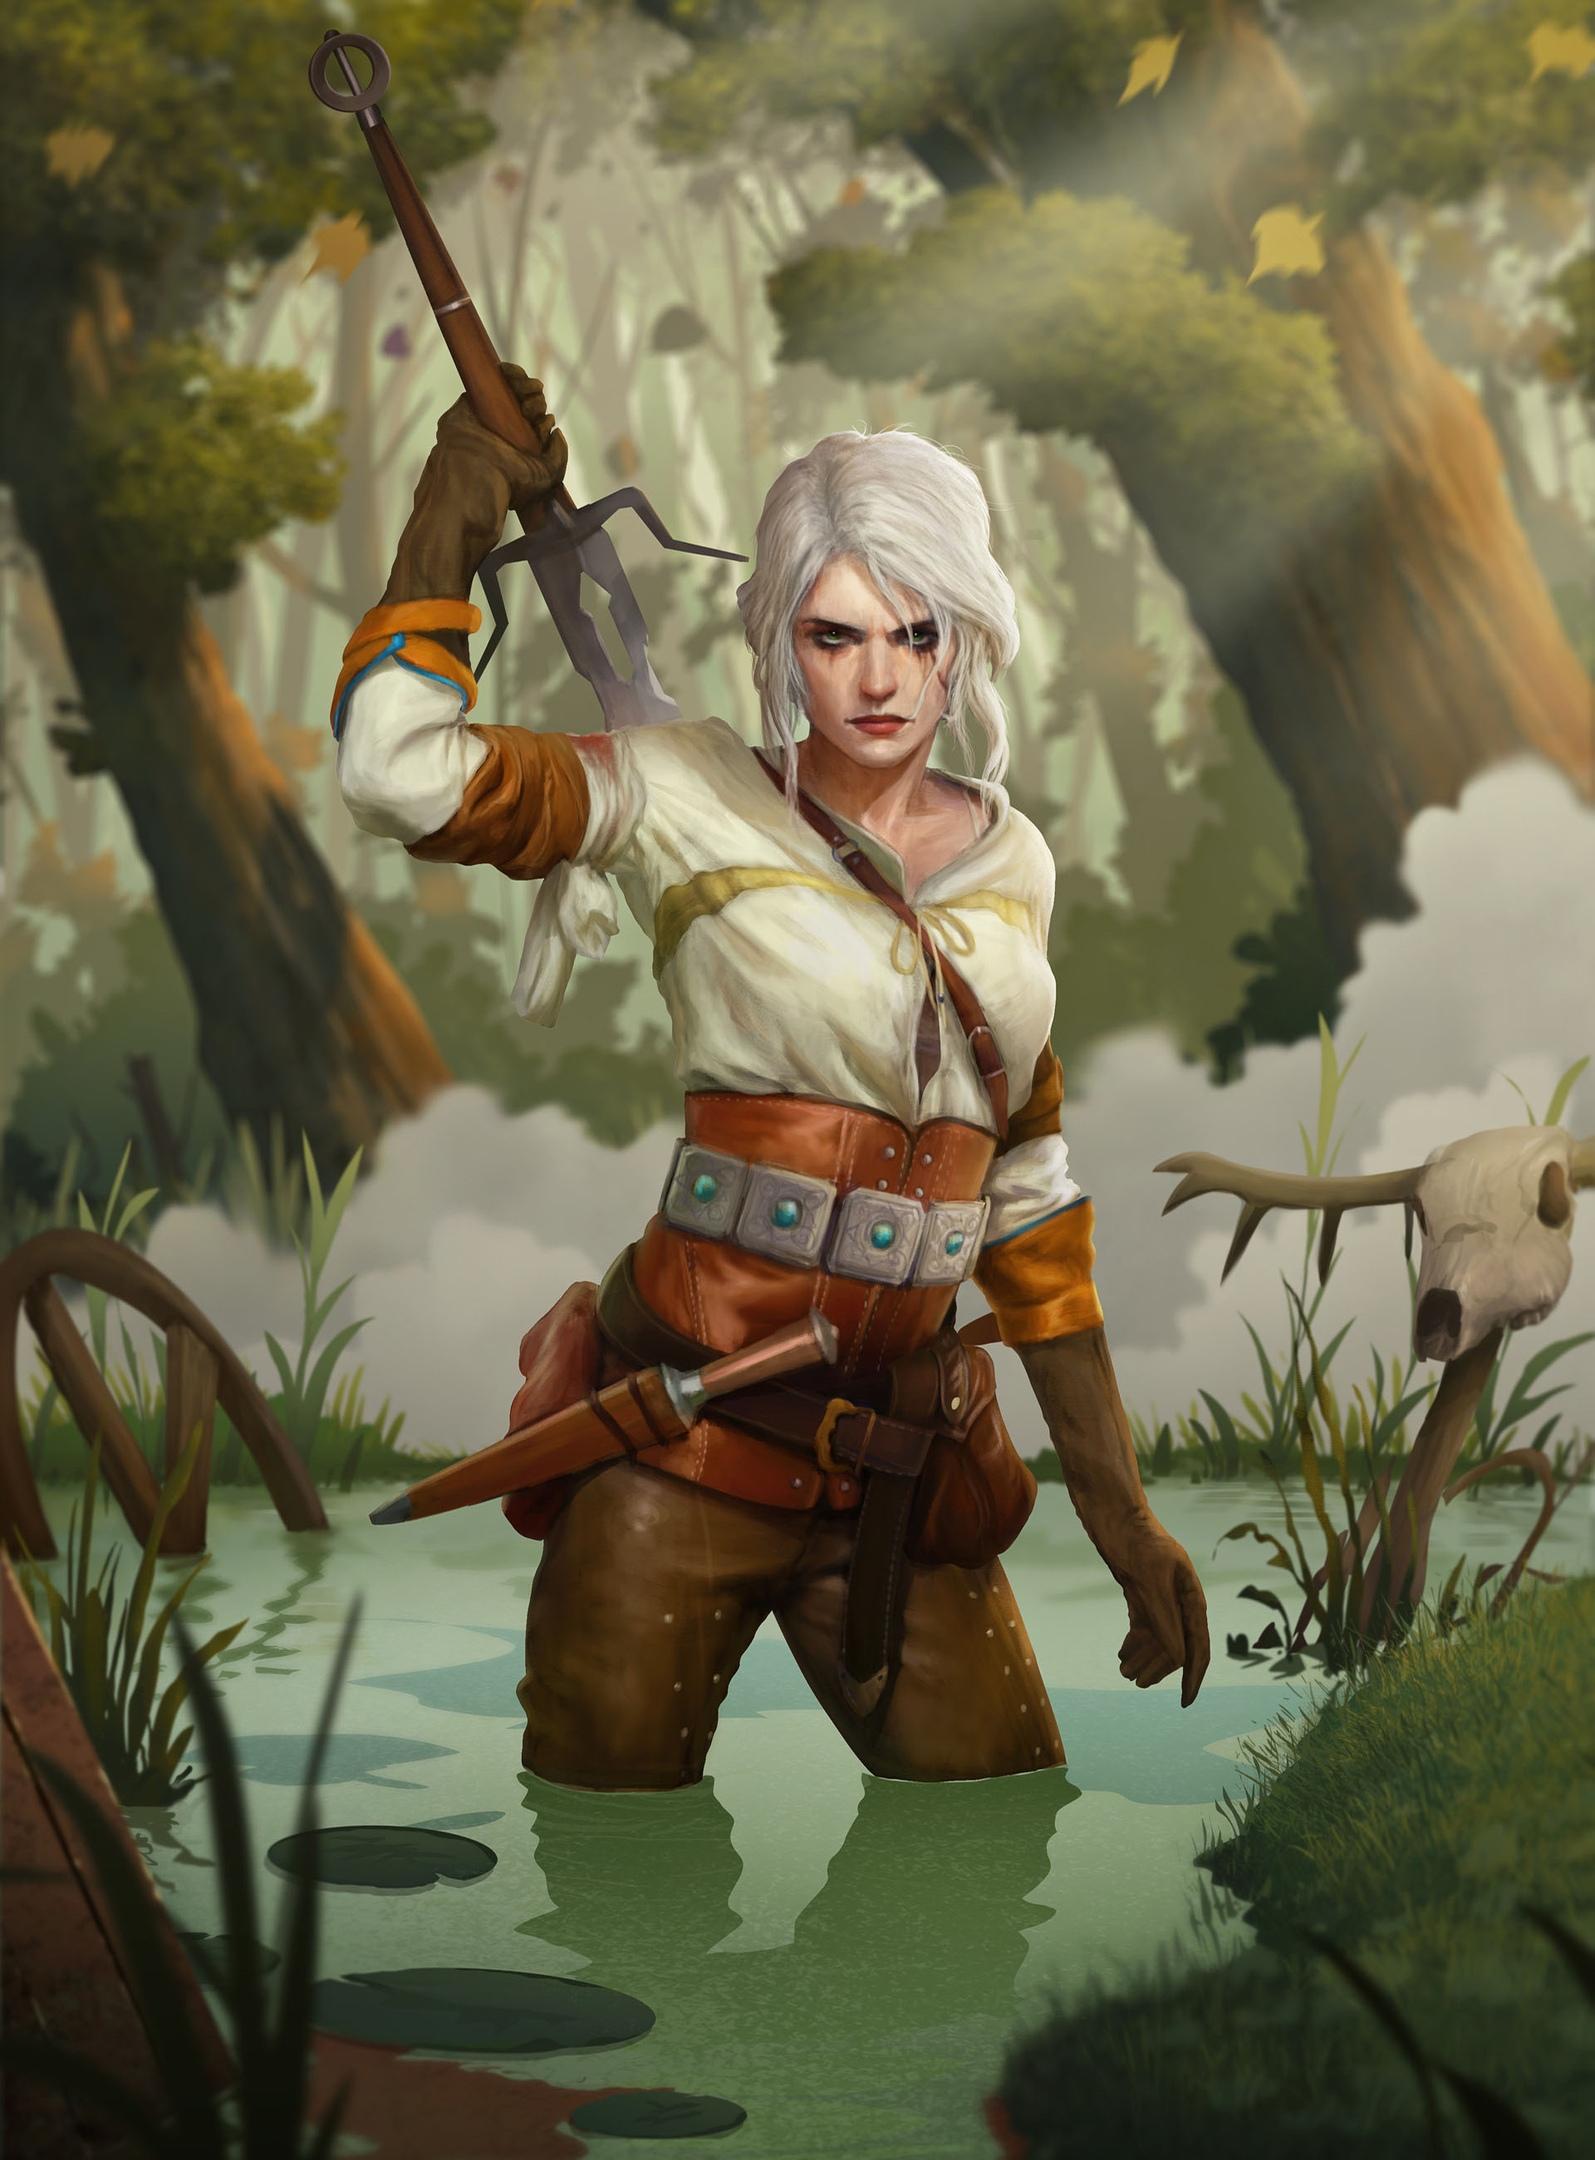 lkAmYxfmJfc.jpg - Witcher 3: Wild Hunt, the